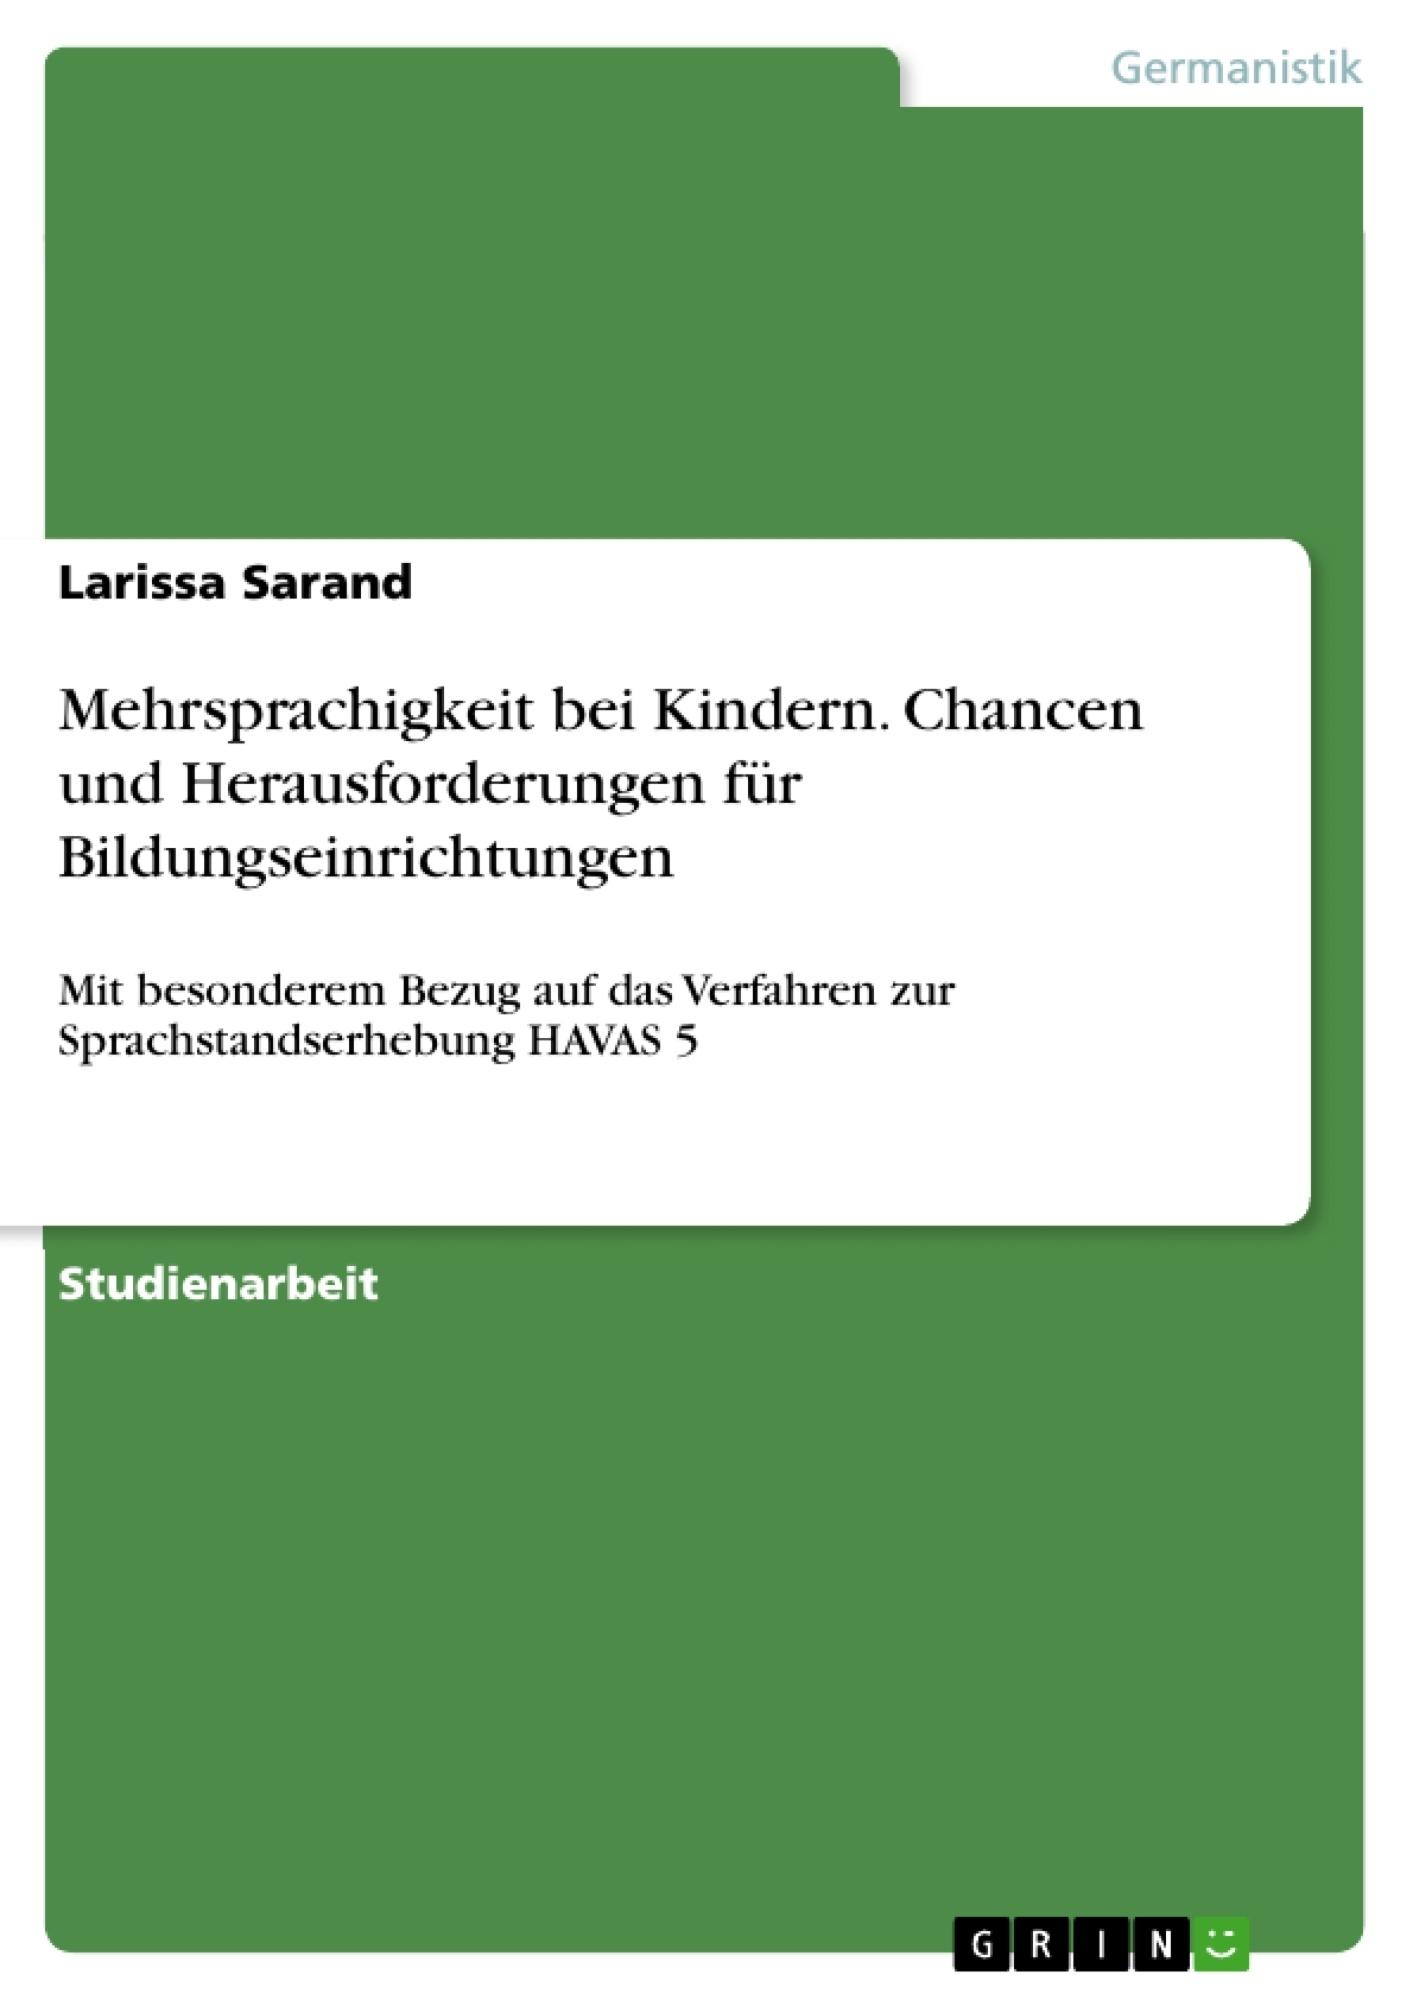 Titel: Mehrsprachigkeit bei Kindern. Chancen und Herausforderungen für Bildungseinrichtungen